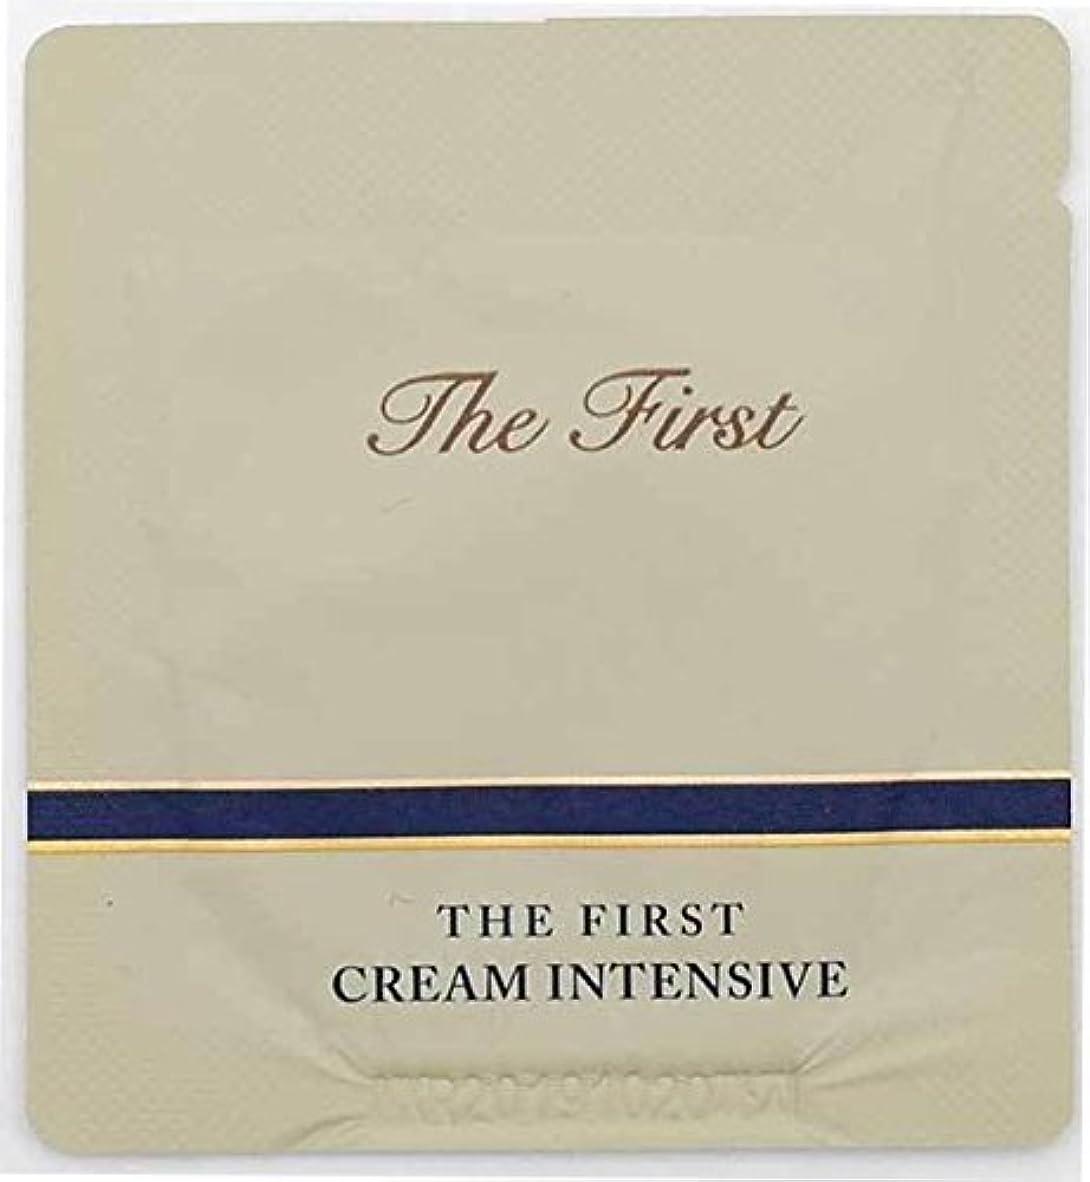 略す沈黙びん[サンプル] OHUI The First Cream intensive 1ml × 30ea/オフィ ザ ファースト クリーム インテンシブ 1ml × 30個